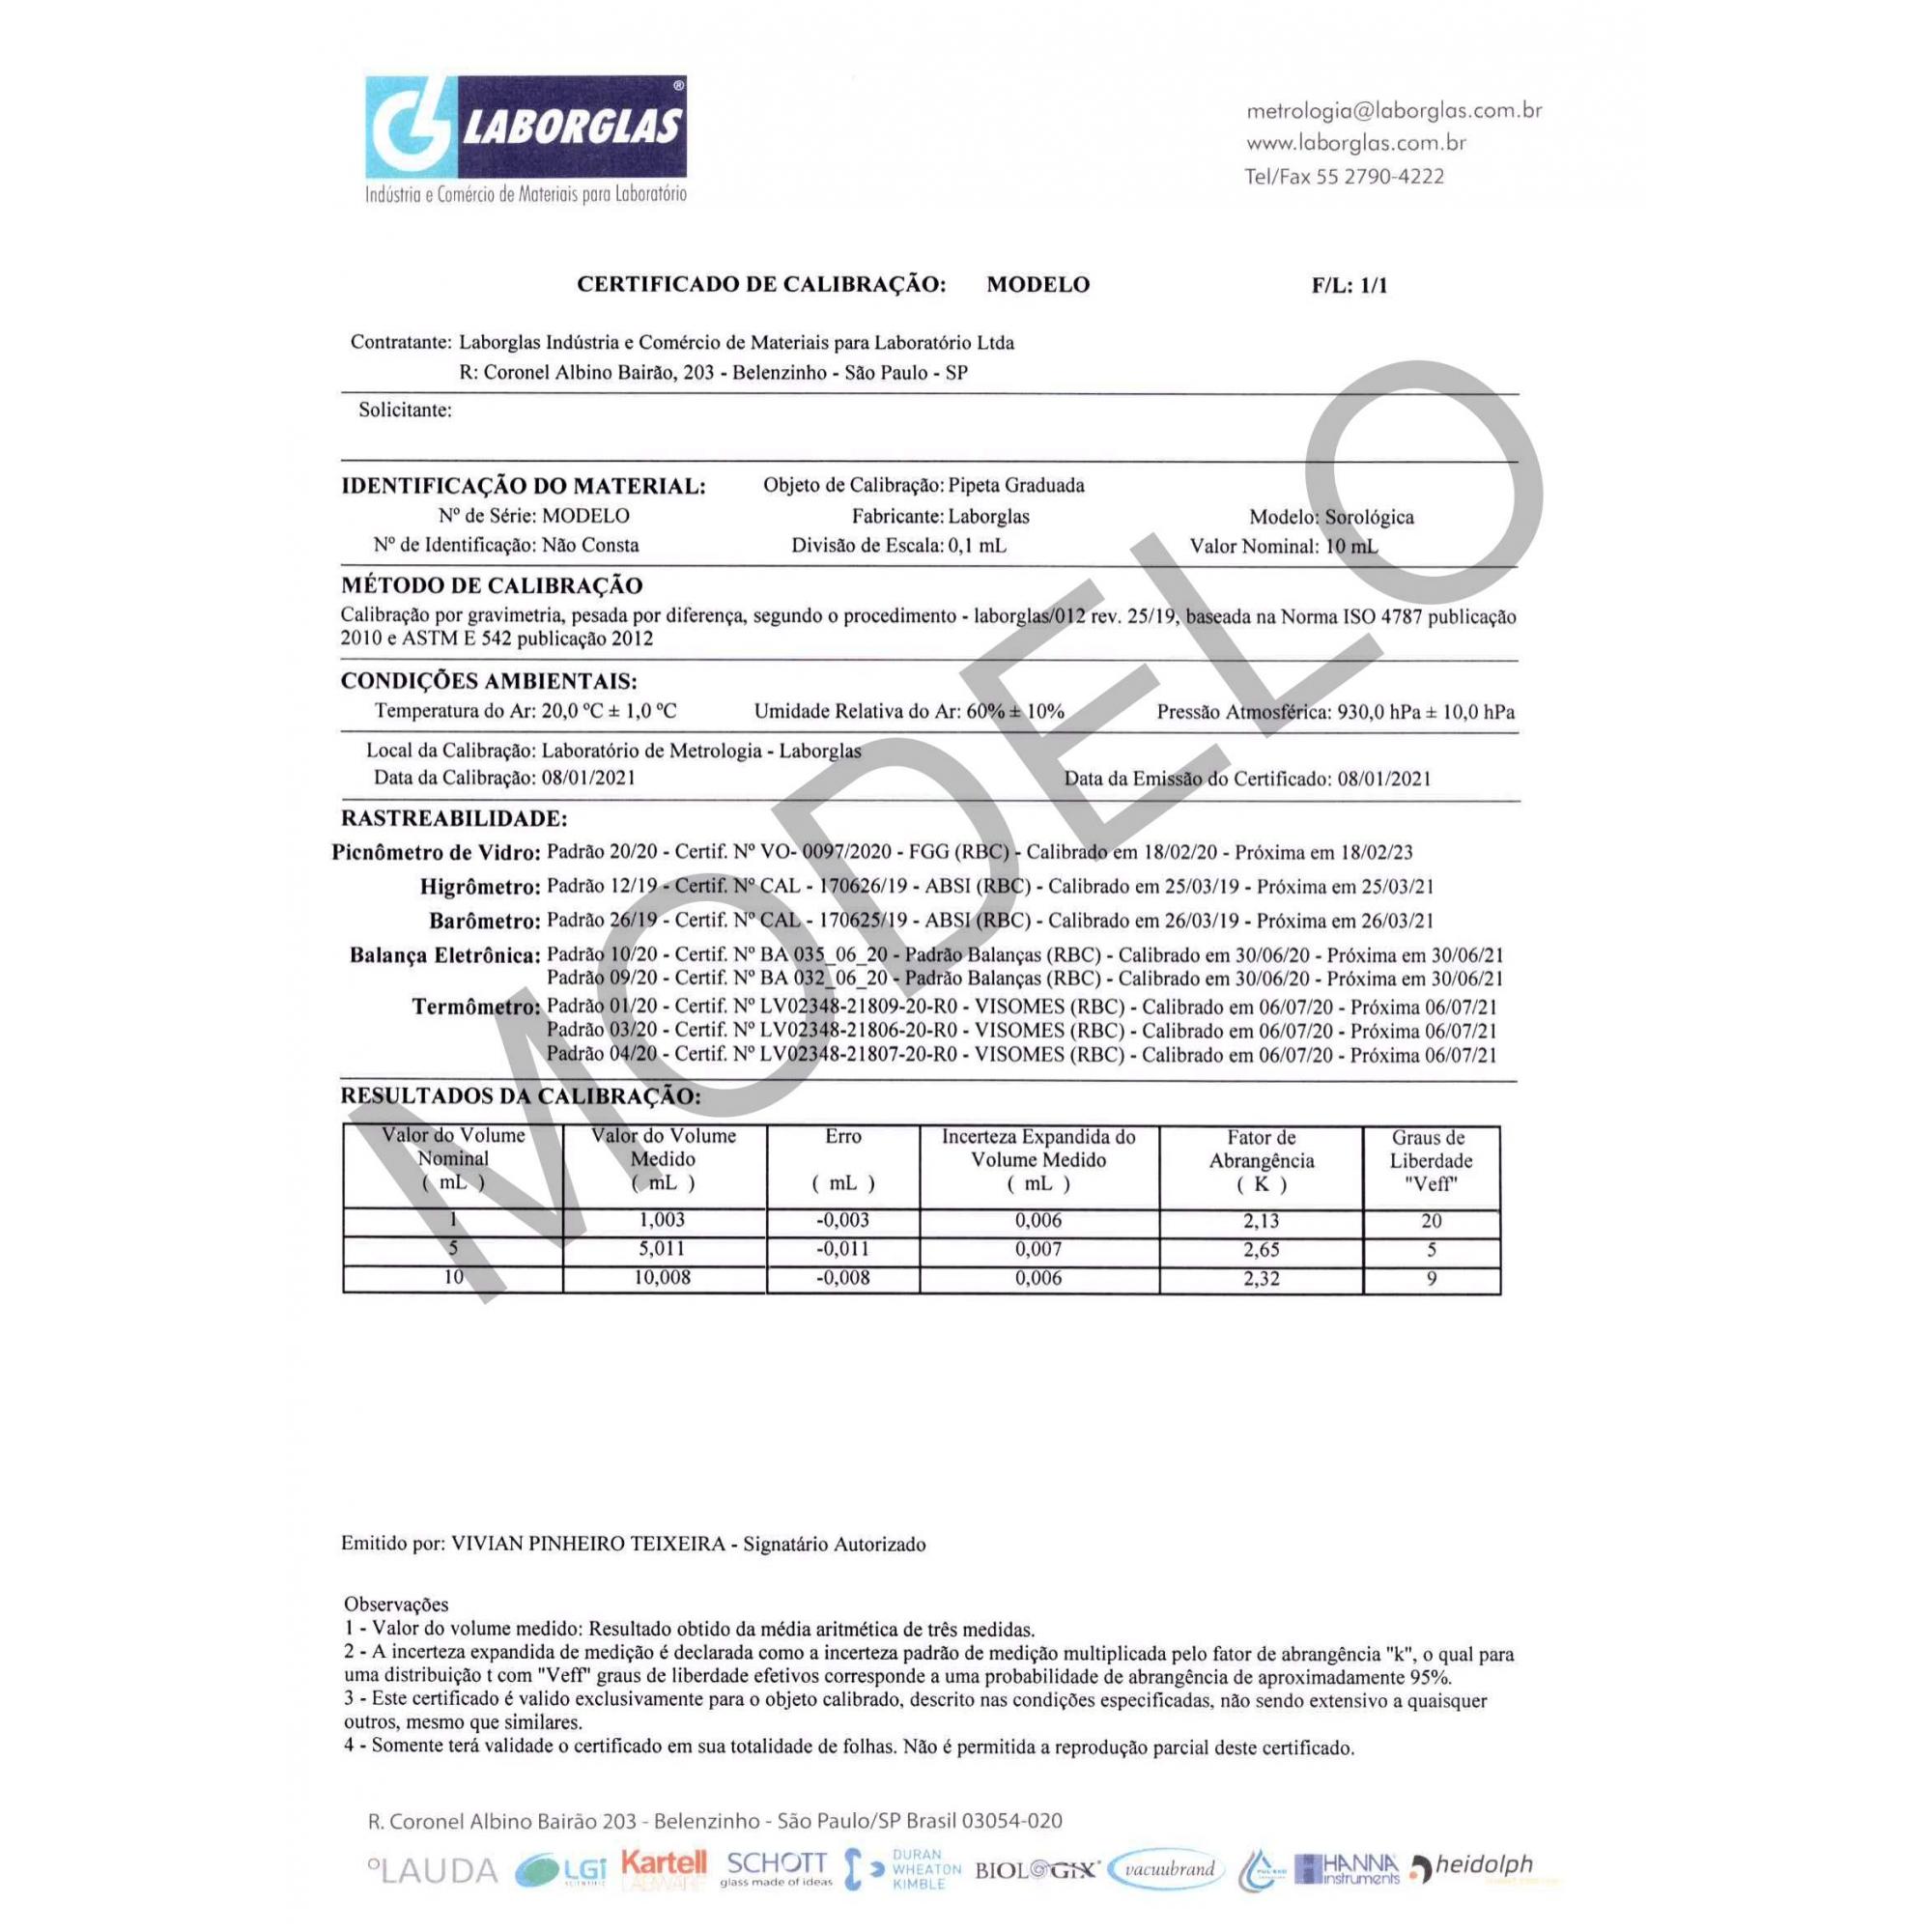 PIPETA GRADUADA SOROLÓGICA ESGOTOTAMENTO TOTAL 25 ML 1/10 CLASSE A COM CERTIFICADO RASTREÁVEL - Laborglas - Cód. 9443613-C